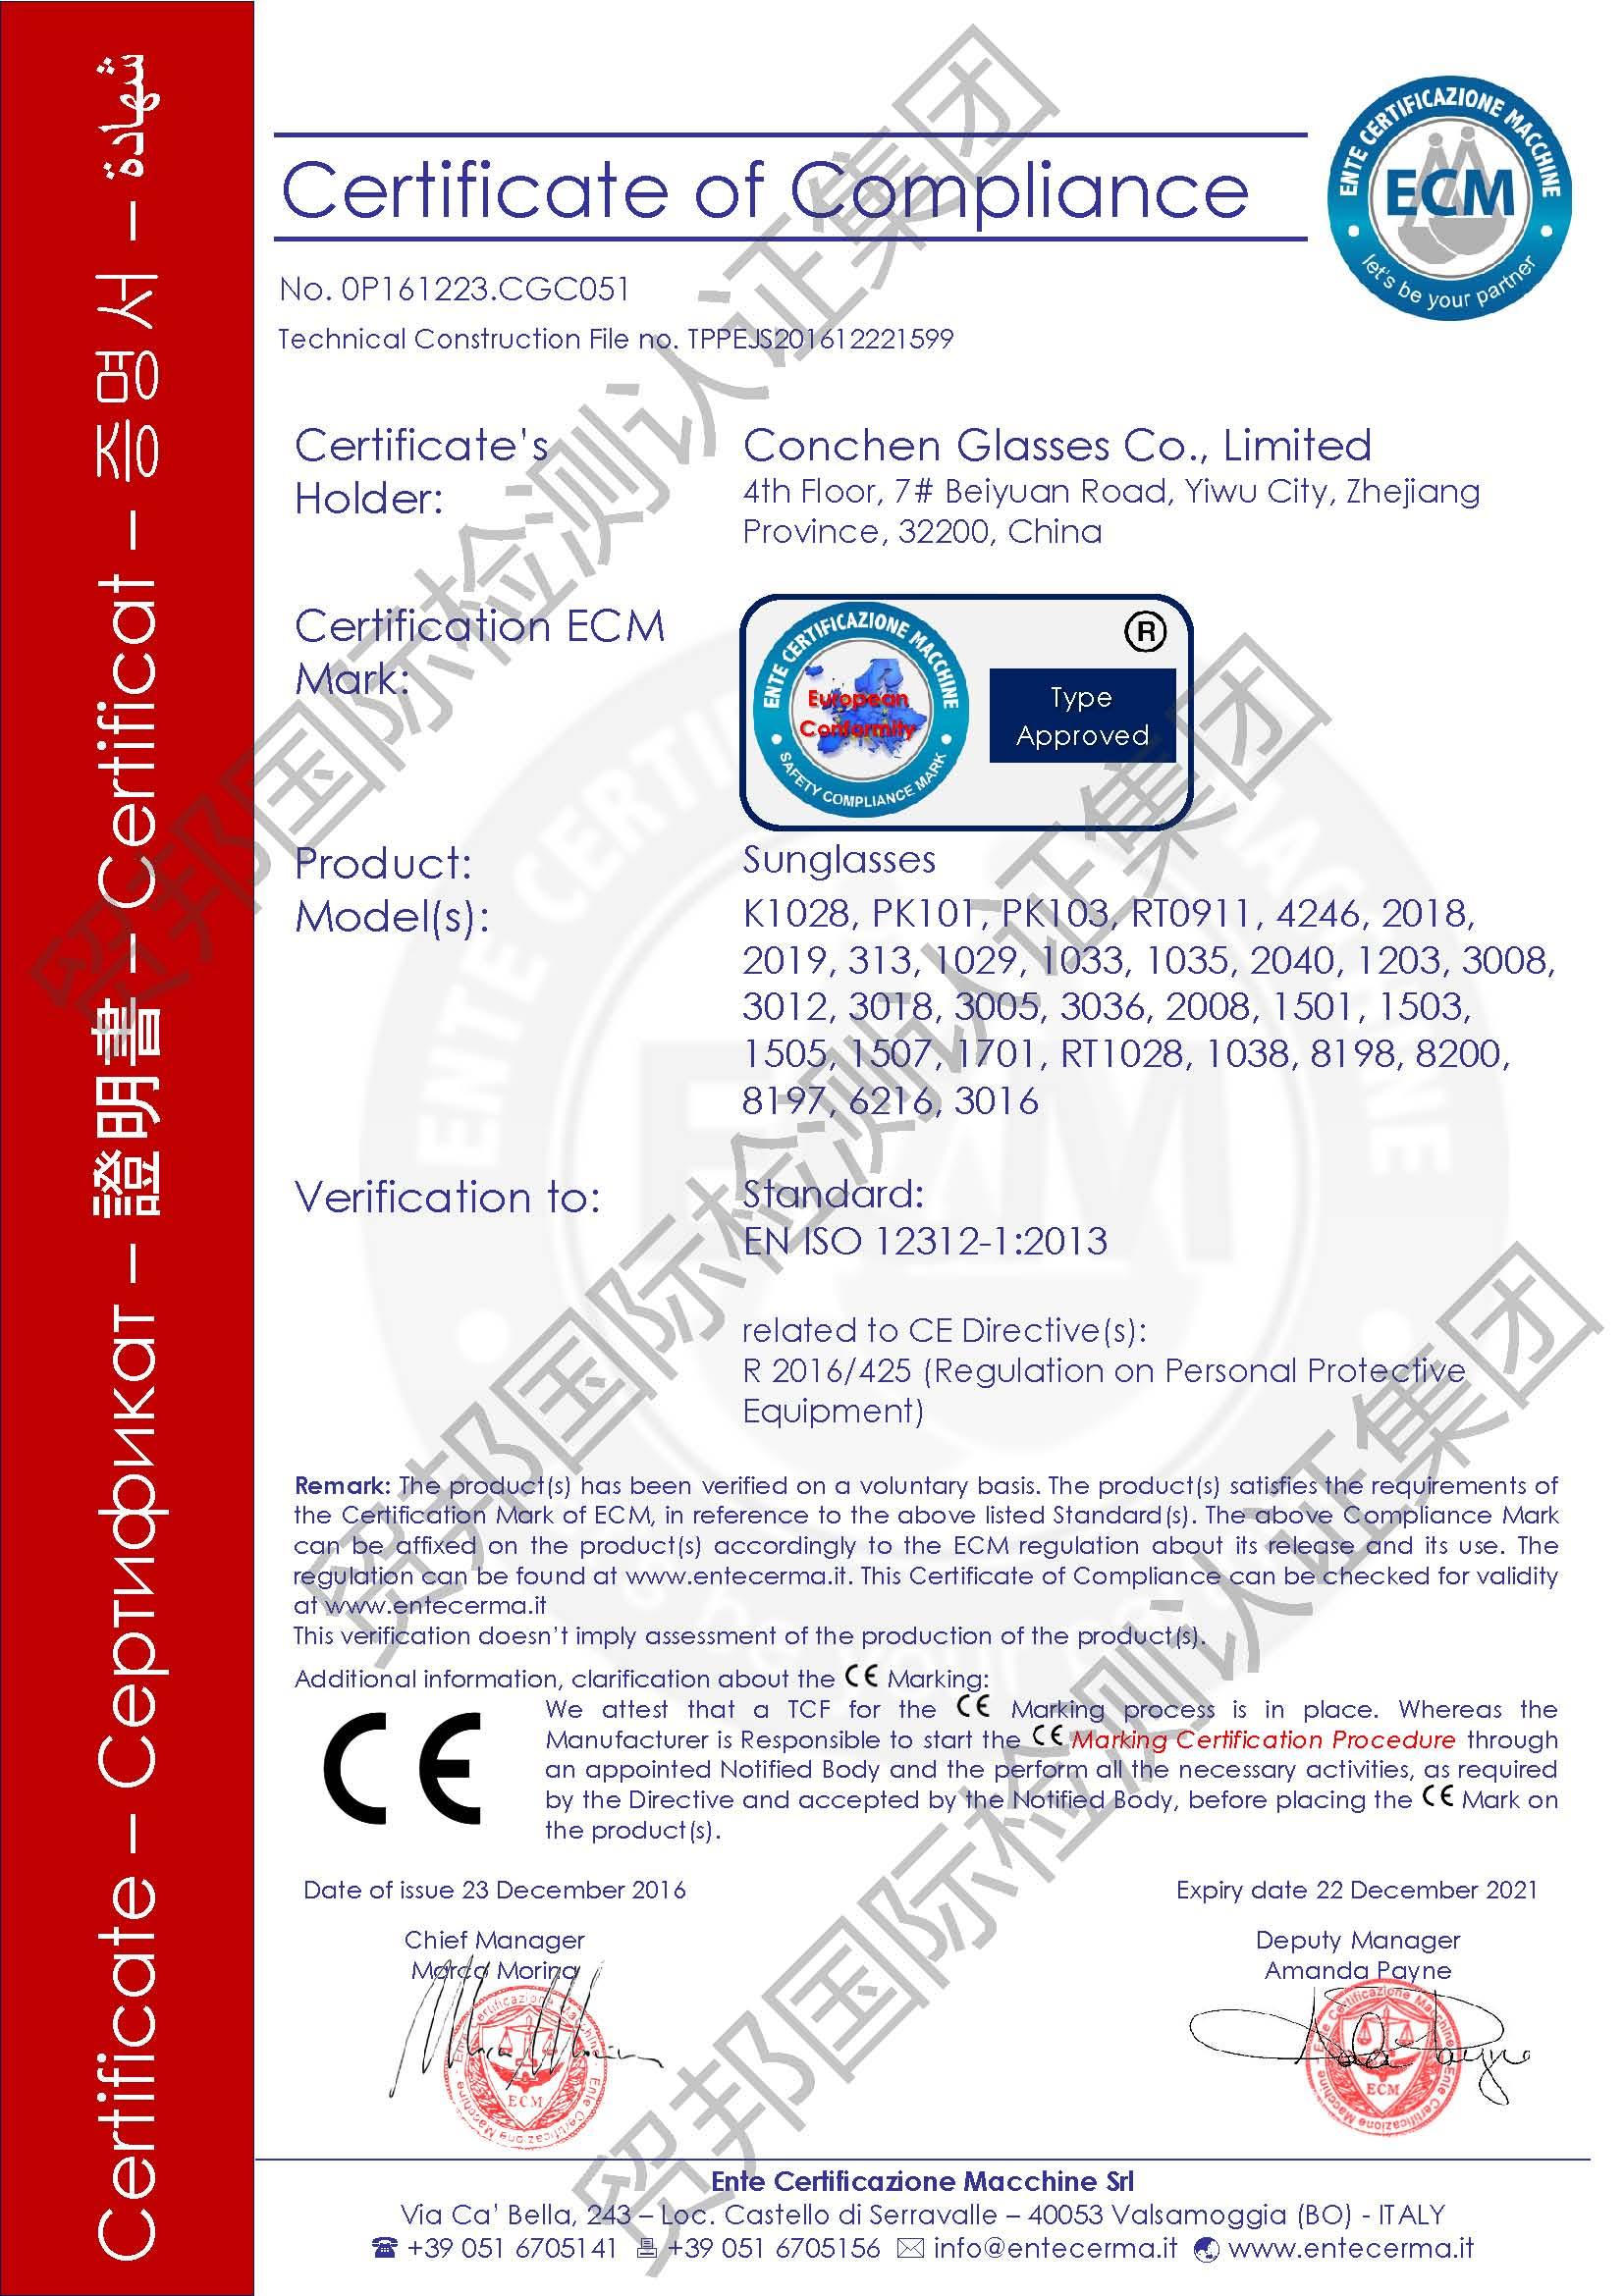 个人防护CE认证-PPE认证